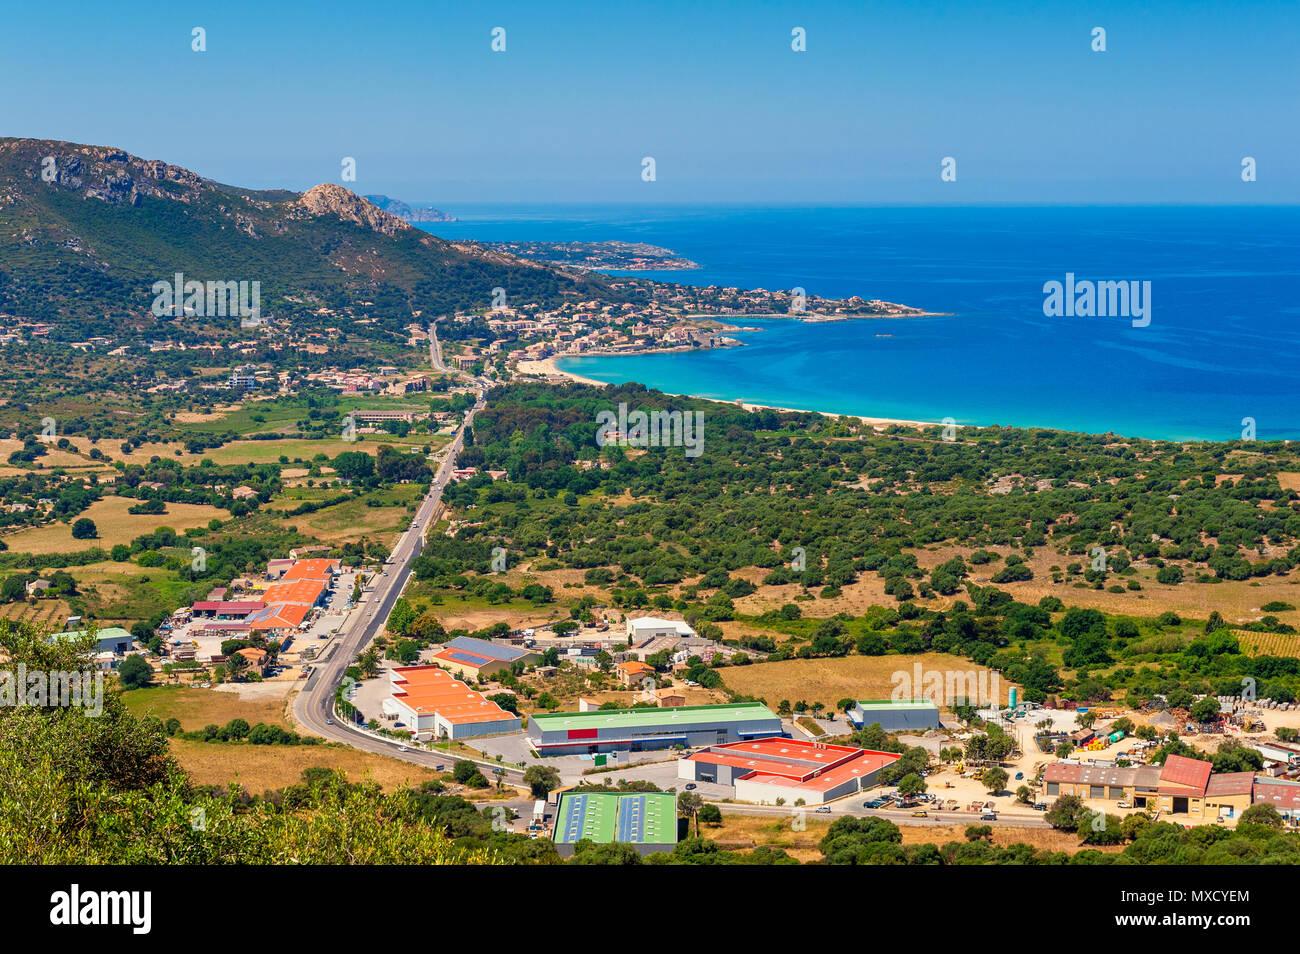 Angolo di alta vista sul paese di Algajola, Corsica, Francia Immagini Stock